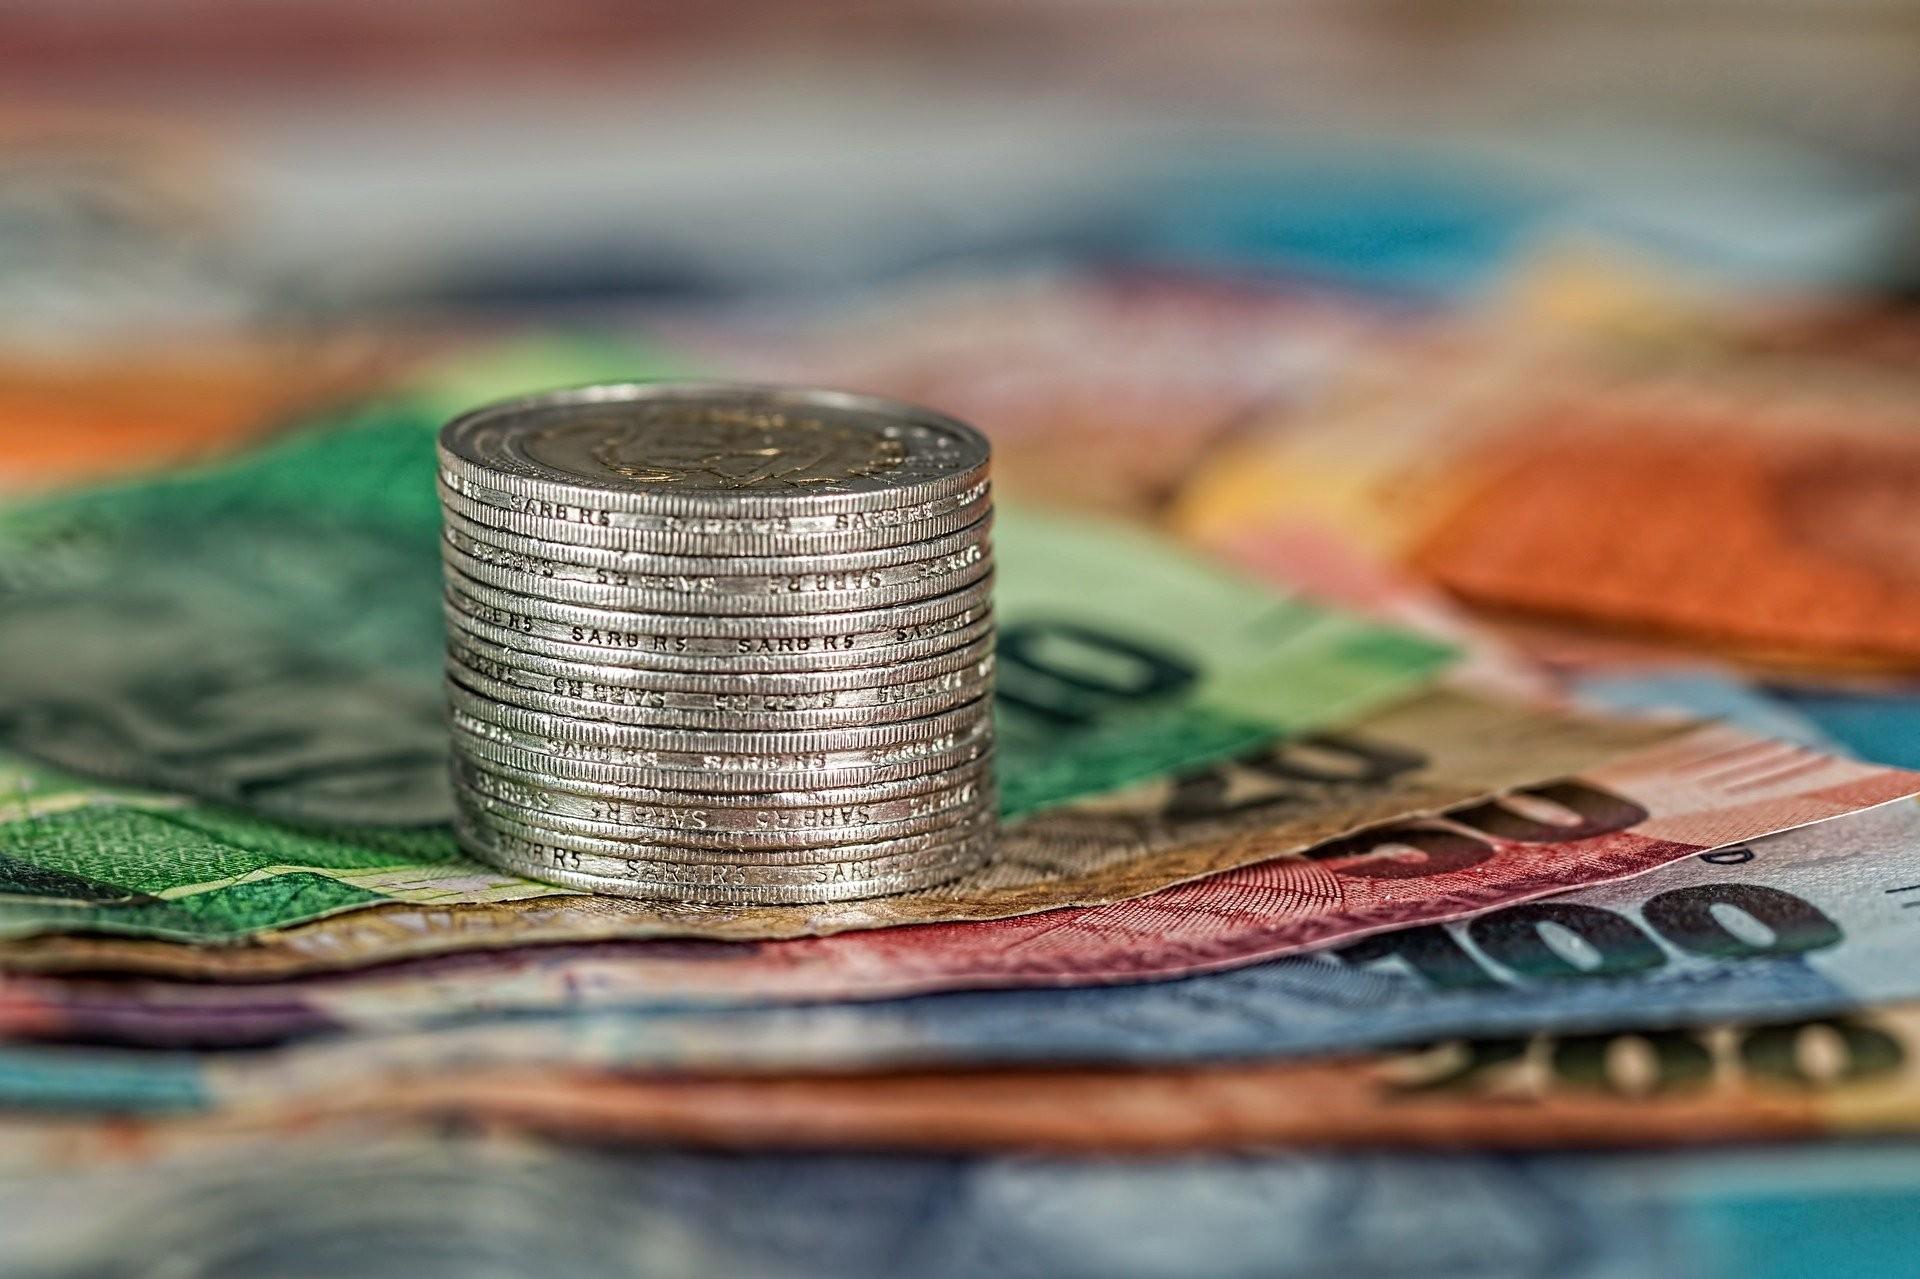 ▲金錢,鈔票,理財,投資,存錢,投資型保單。(圖/pixabay)